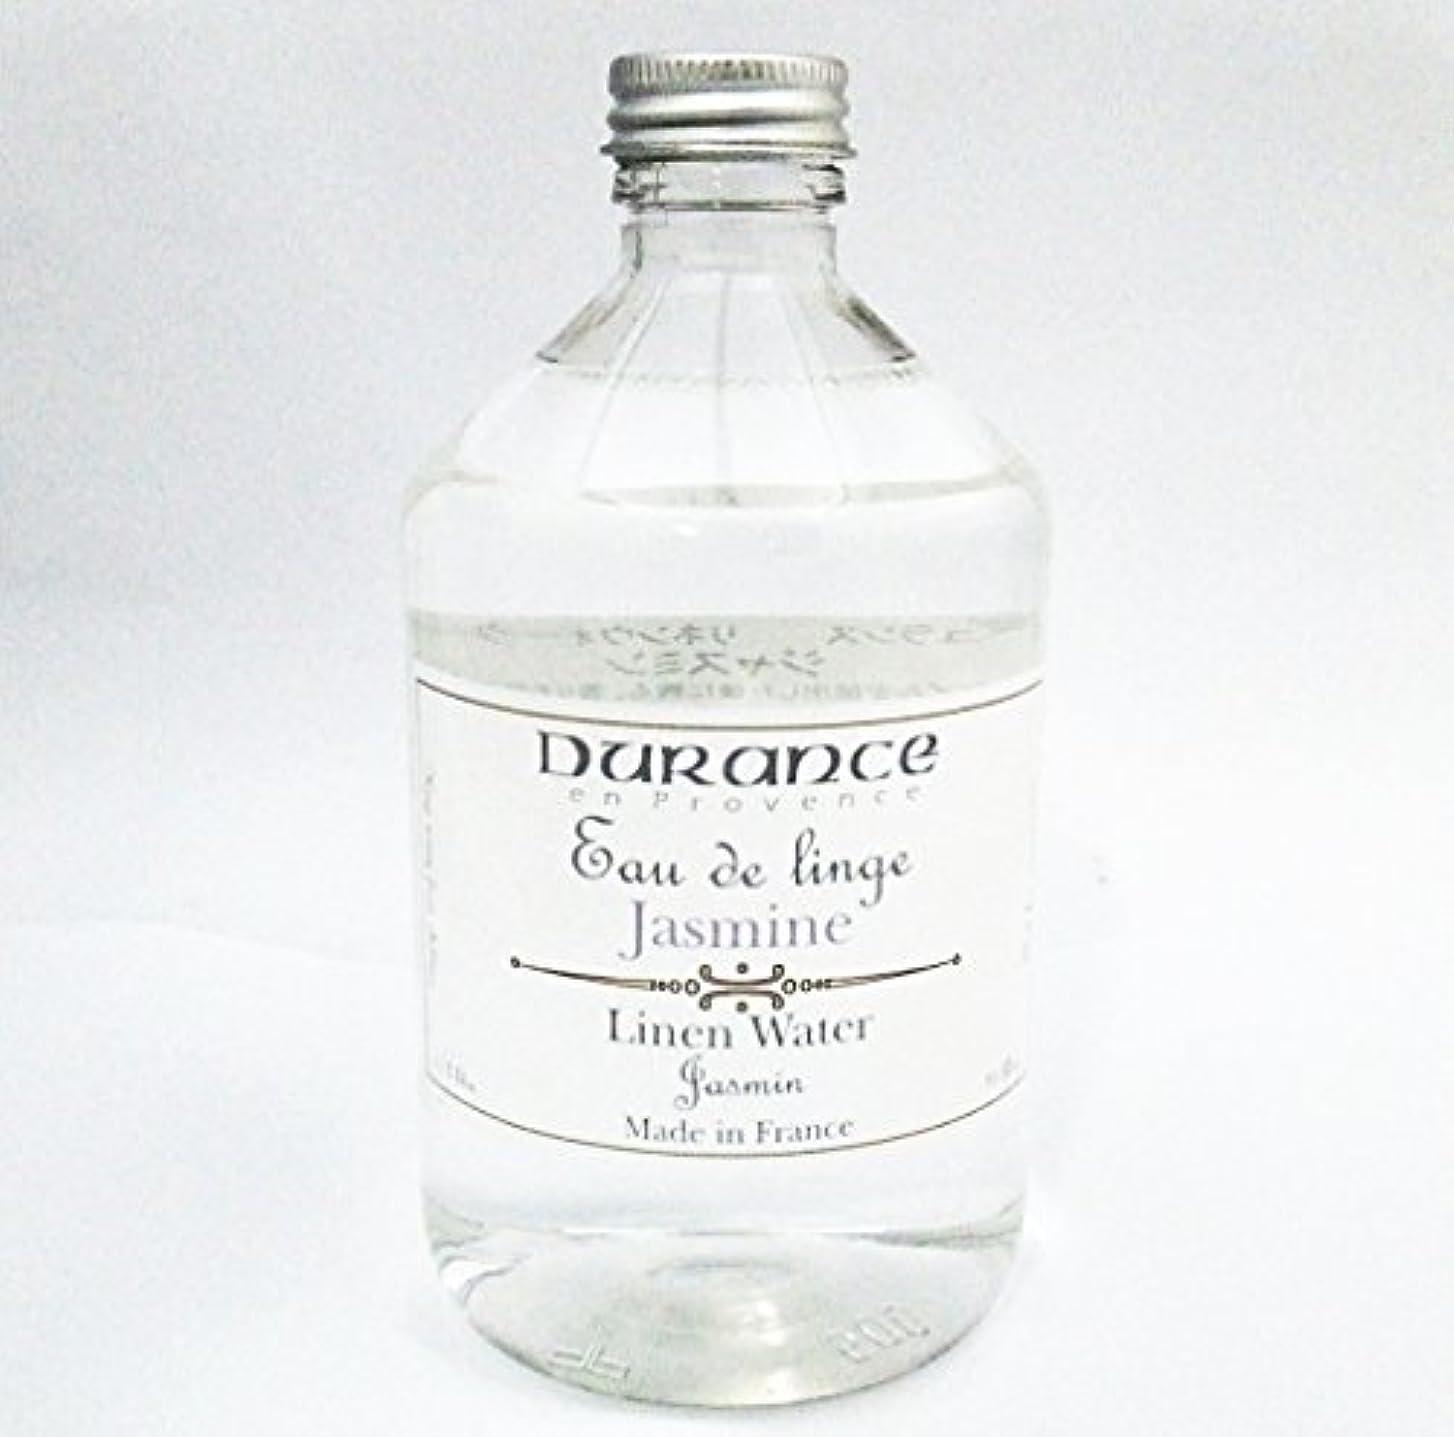 DURANCE(デュランス) リネンケアシリーズ リネンウォーター 500ml 「ジャスミン」 4994228006738